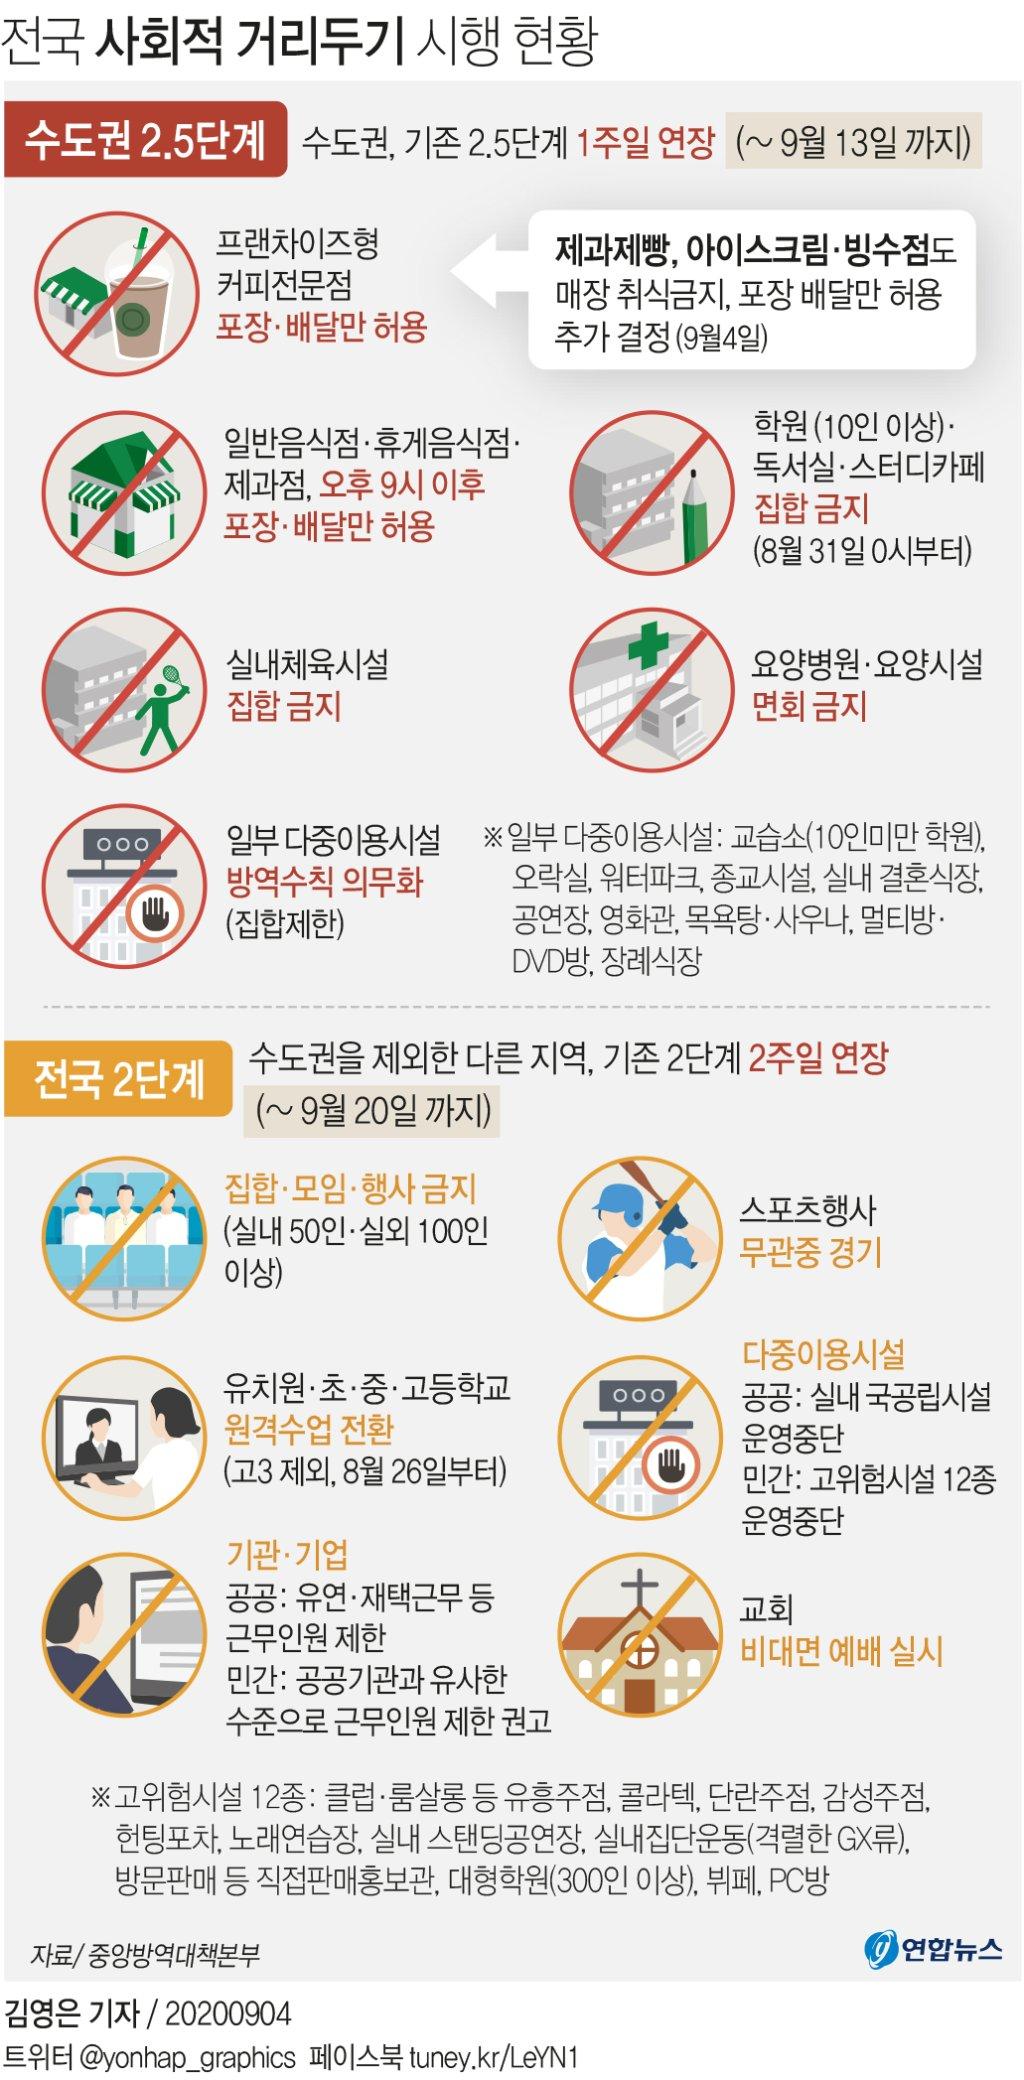 [그래픽] 전국 사회적 거리두기 시행 현황